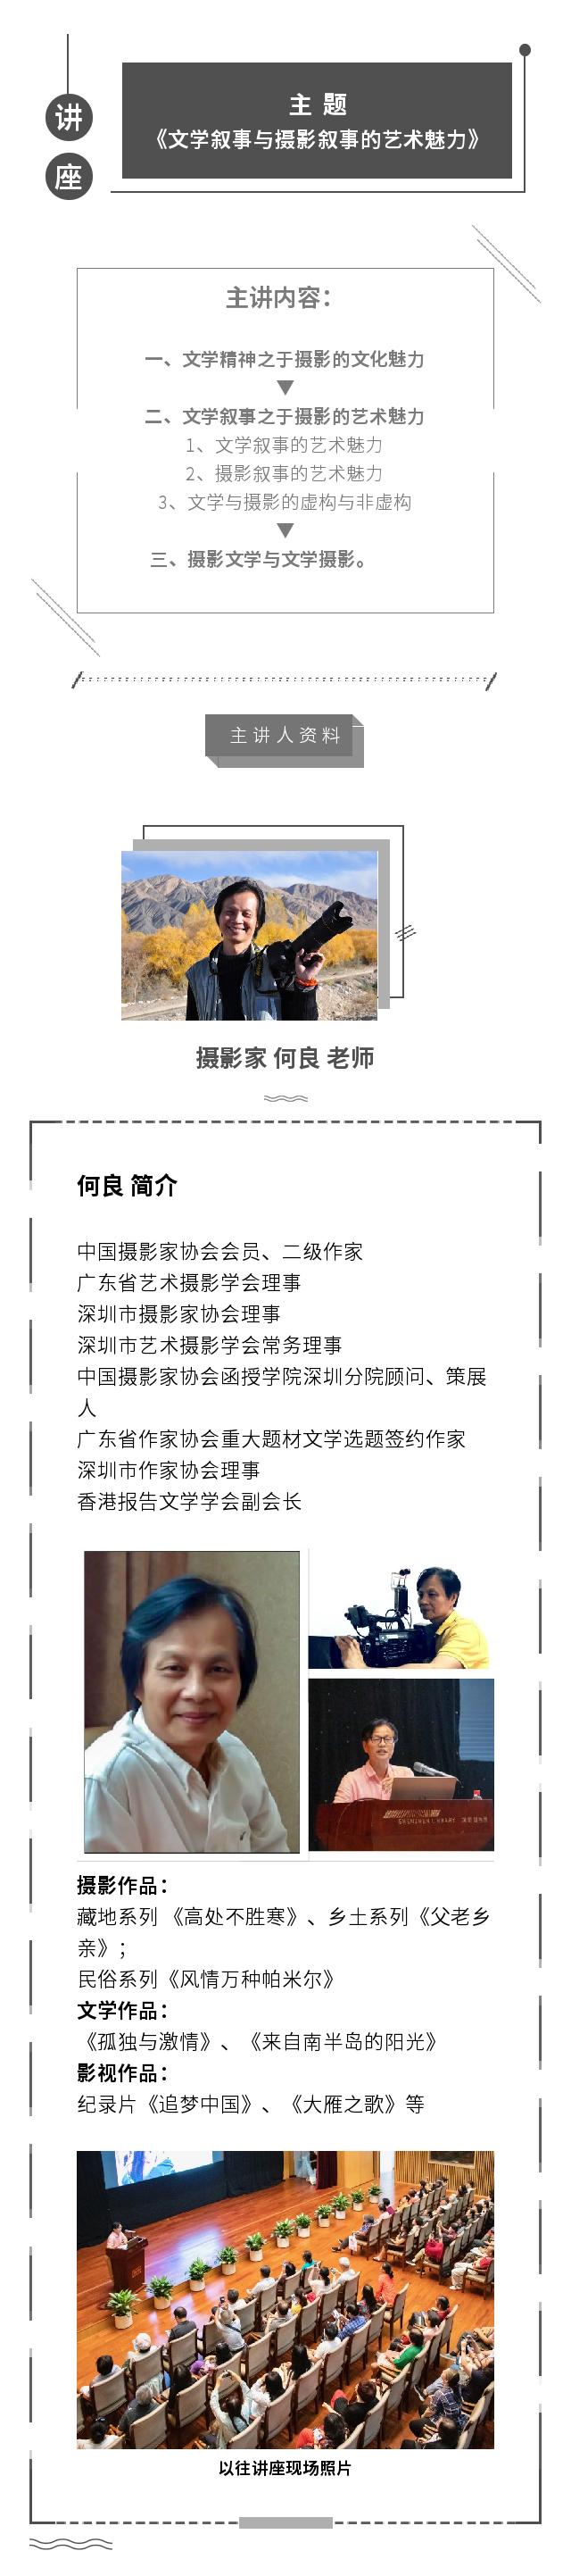 6月14日发布ok.png